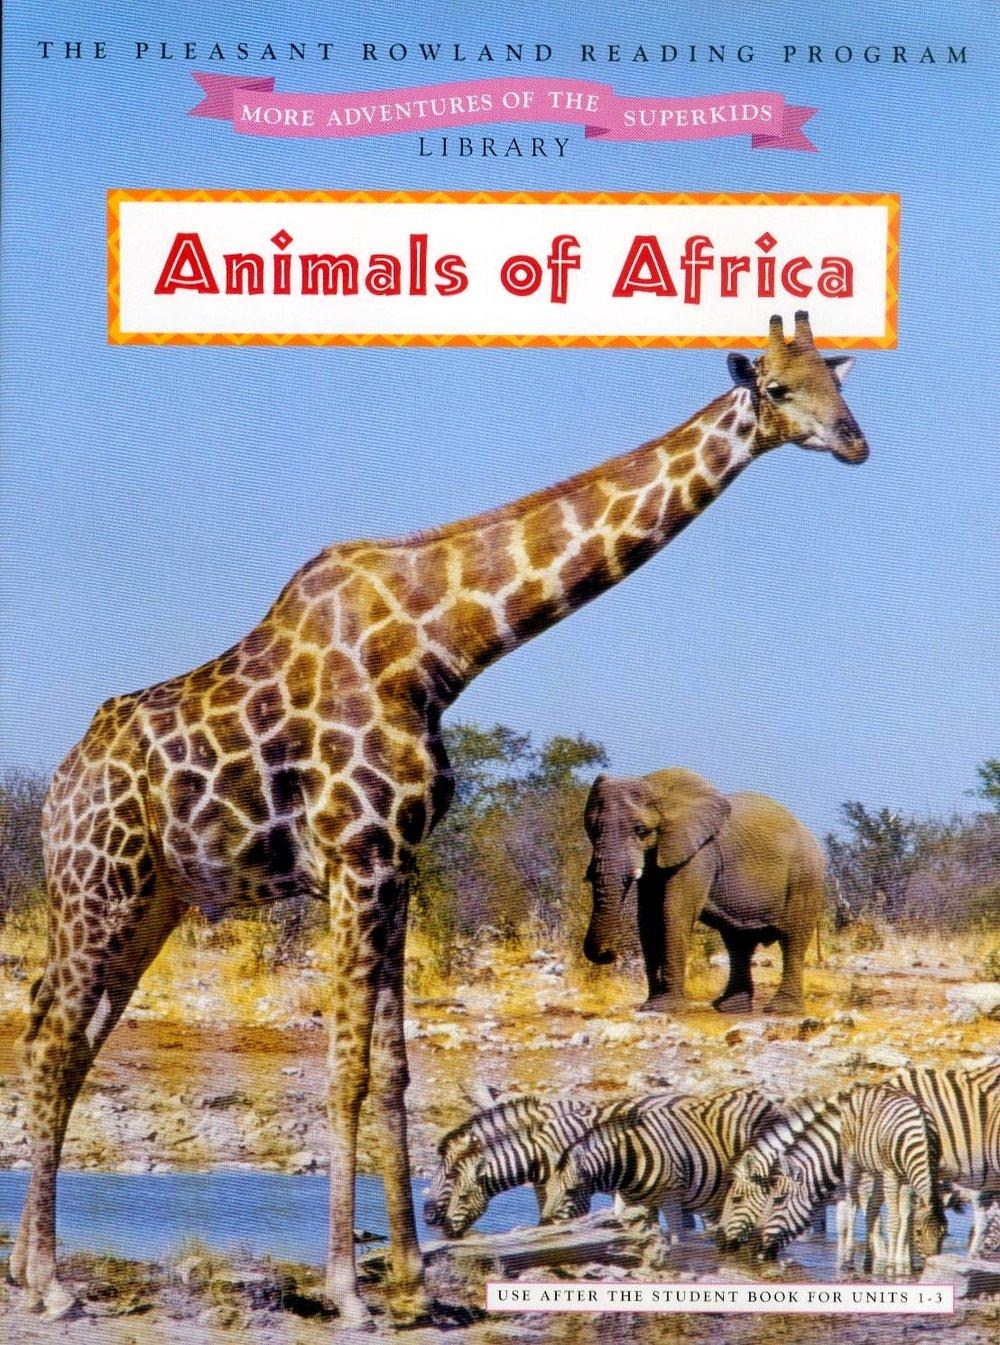 AnirmalsAfrica.jpg